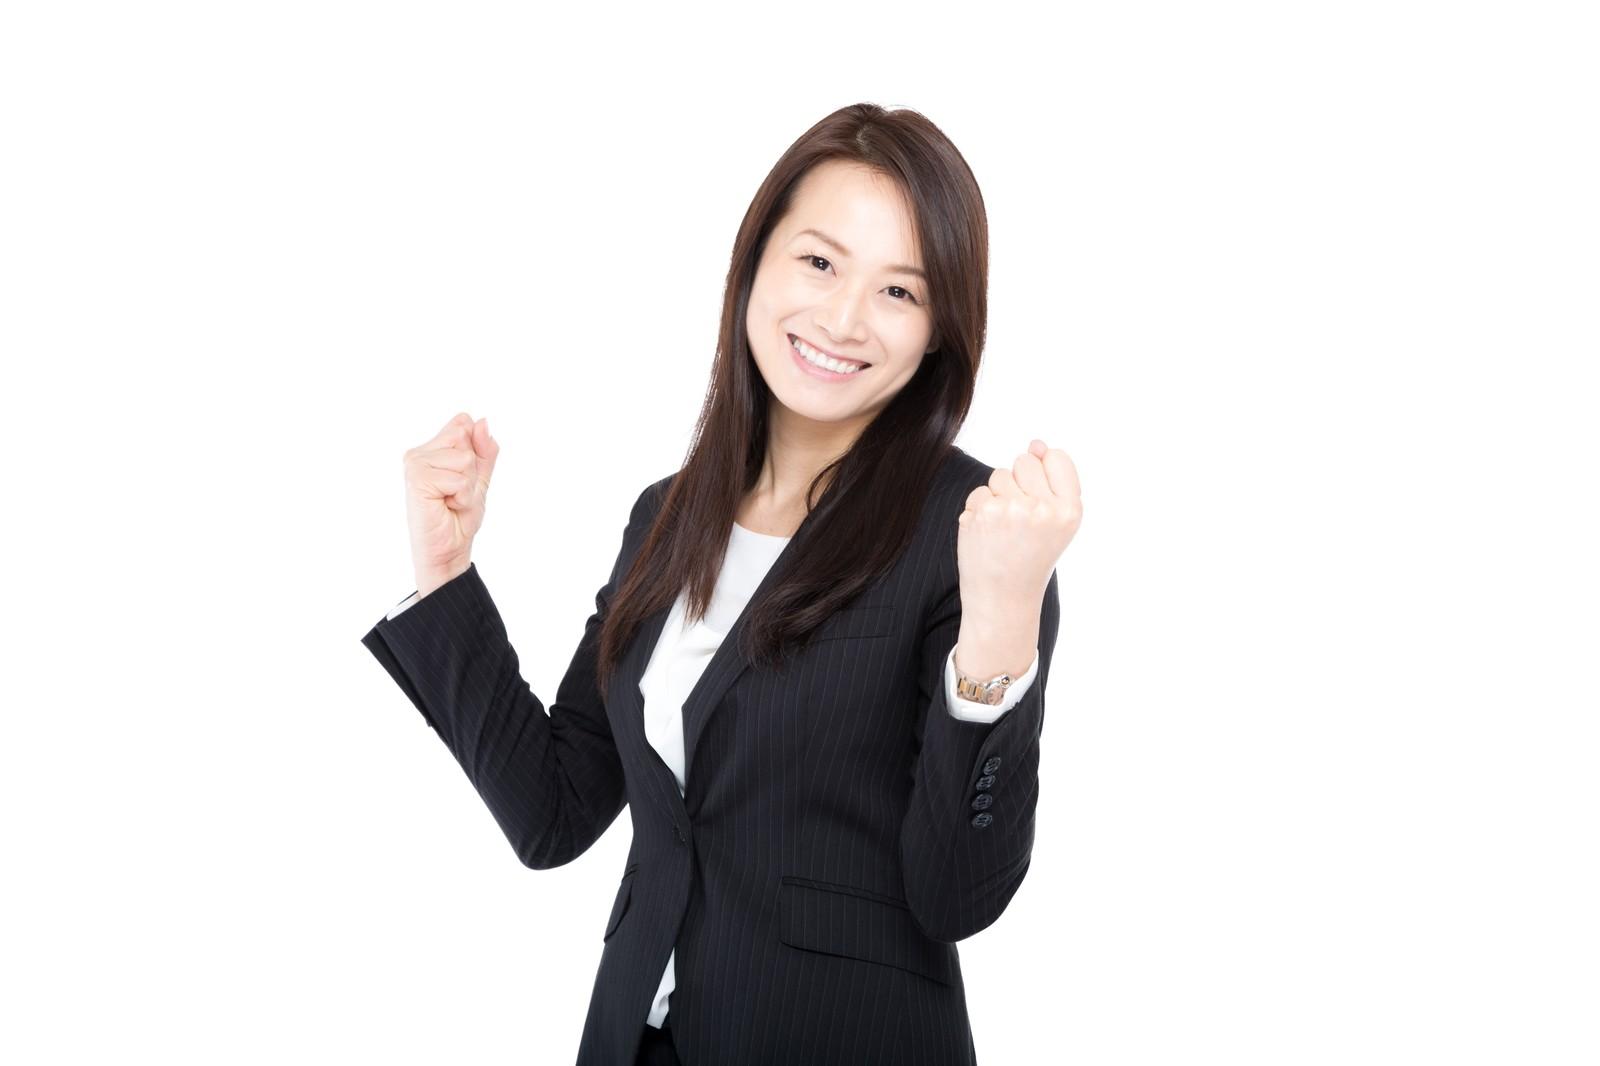 女性が活躍できる職場環境の画像